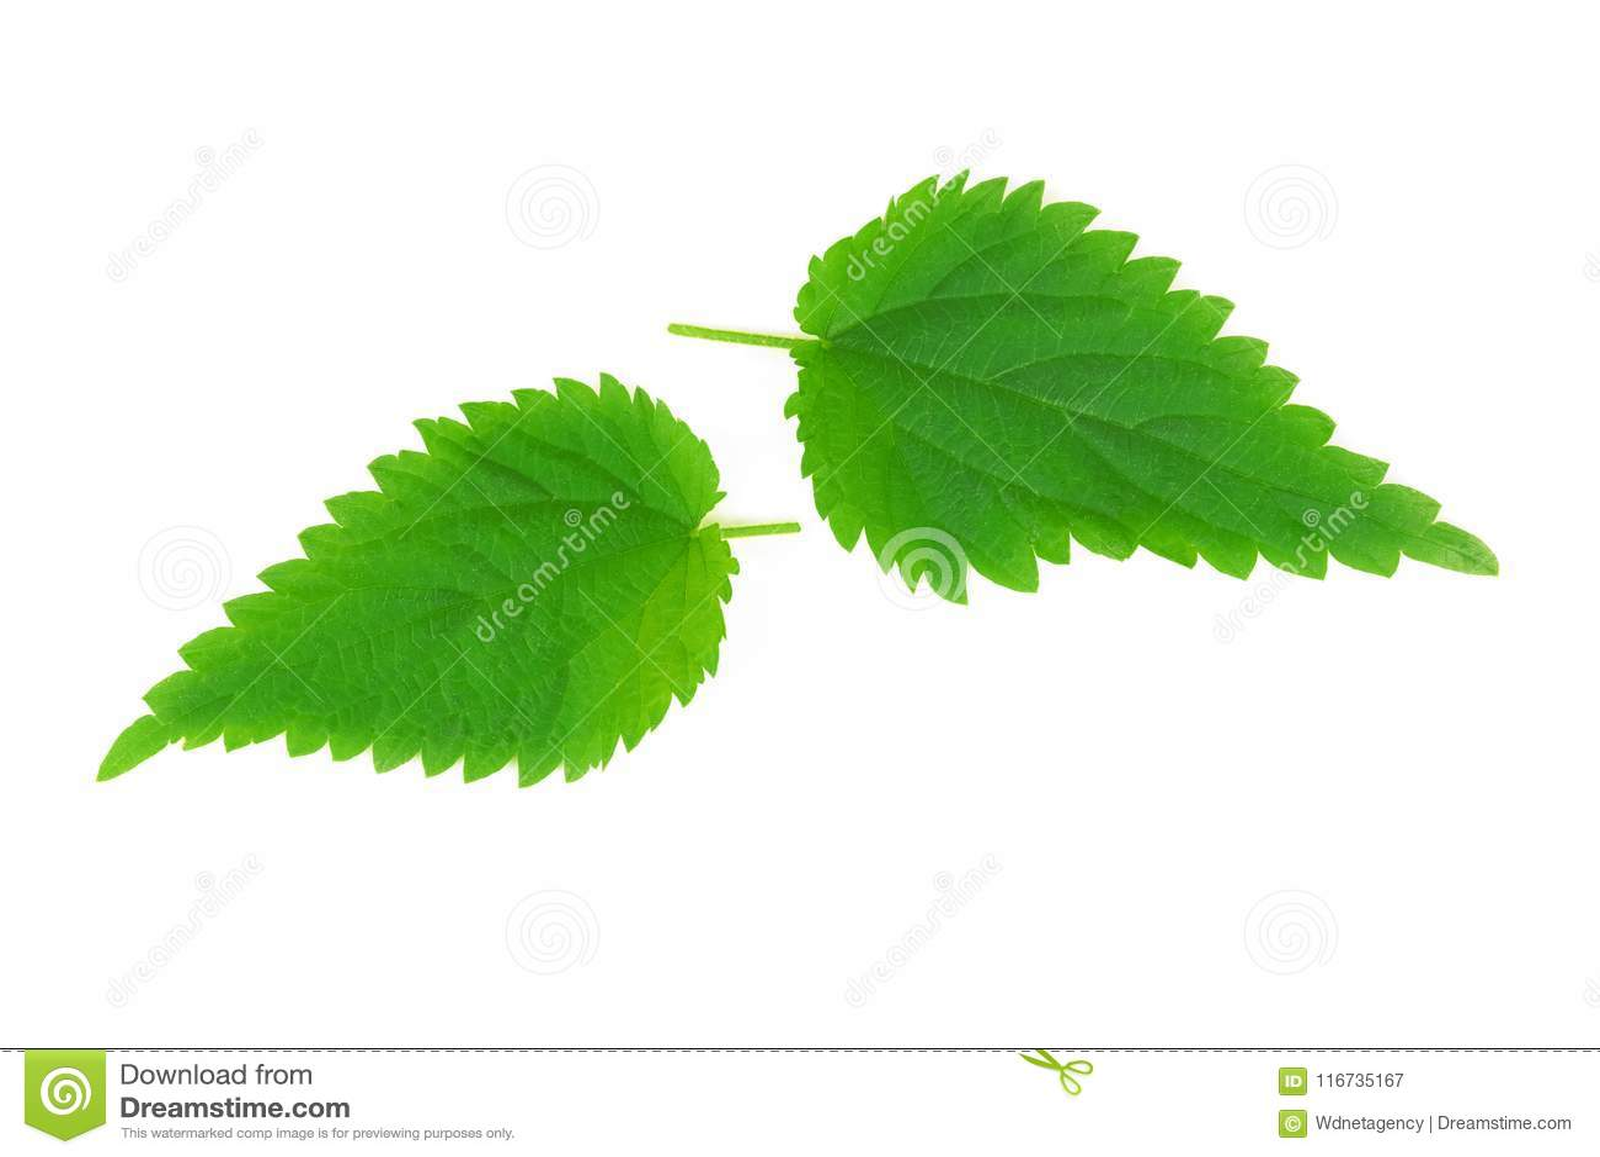 Leaves of nettle